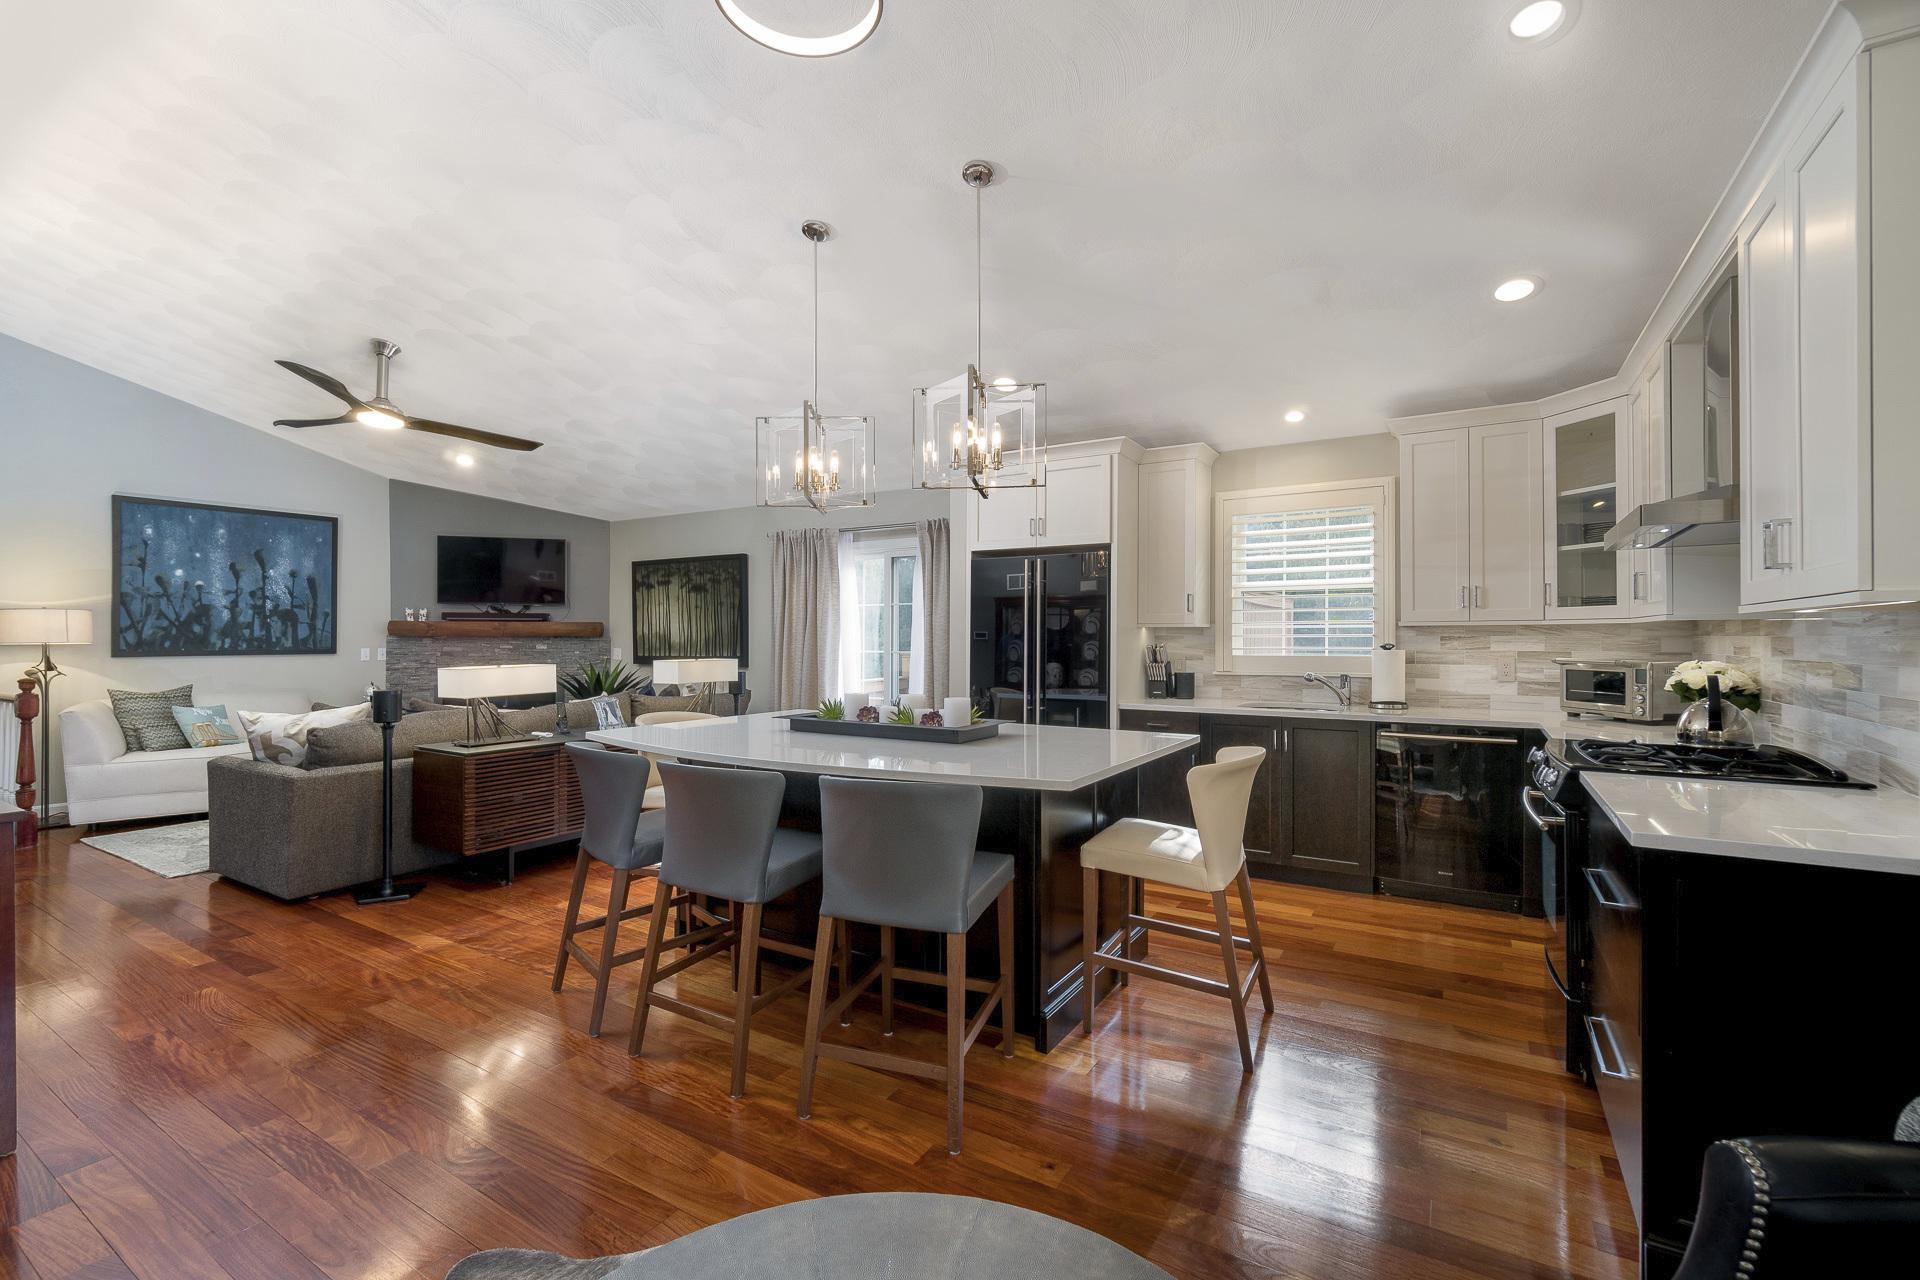 Two Tone Modern Kitchen Rhode Kitchen Bath Design Build